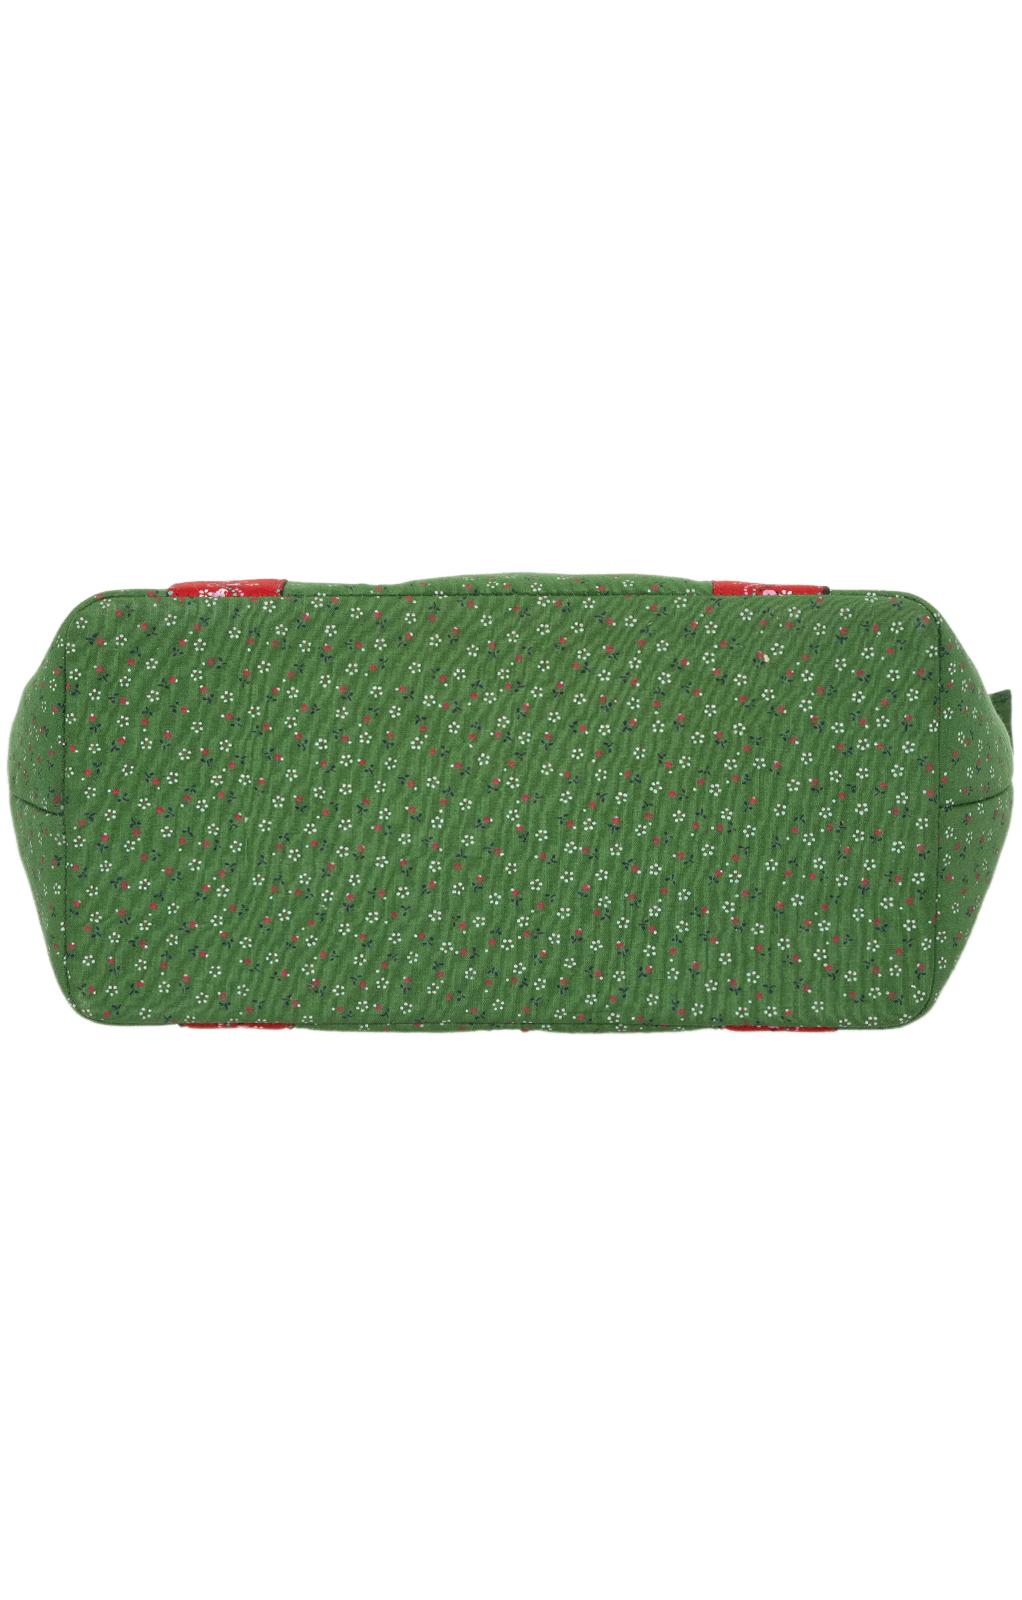 weitere Bilder von COMBI BAG JAC50-SCH104 grün